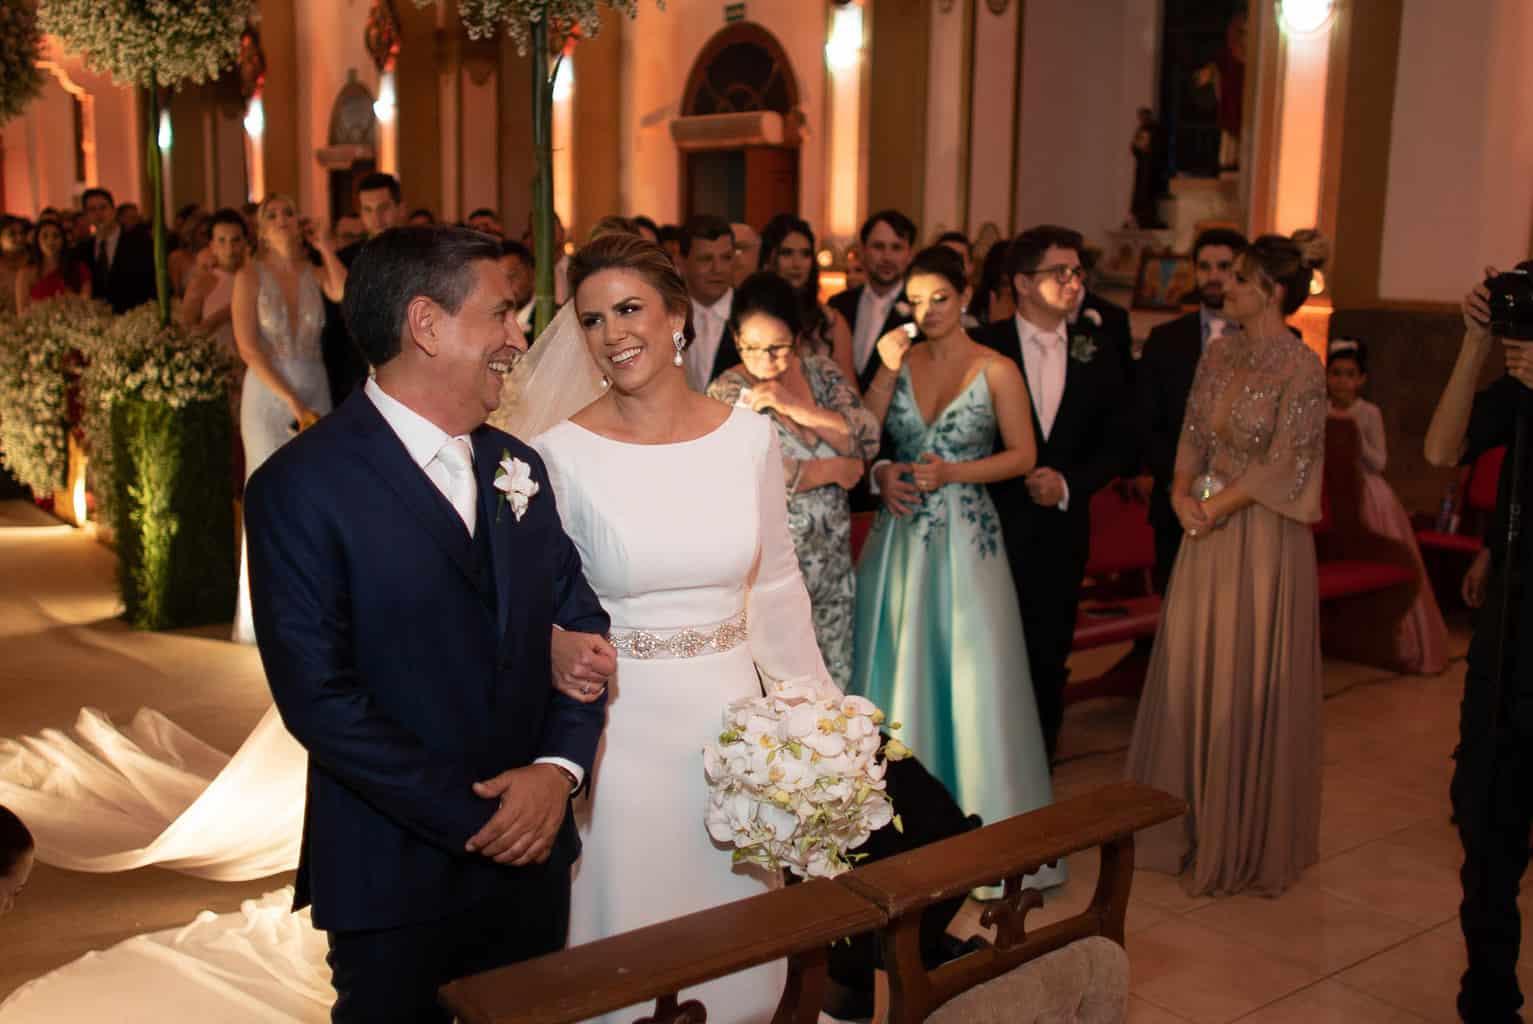 Casamento-Claudia-e-Afonso-Golden-Class-Regina-Aoki-Eurides-Aoki-Carol-Rezek-Renata-Velloso-28